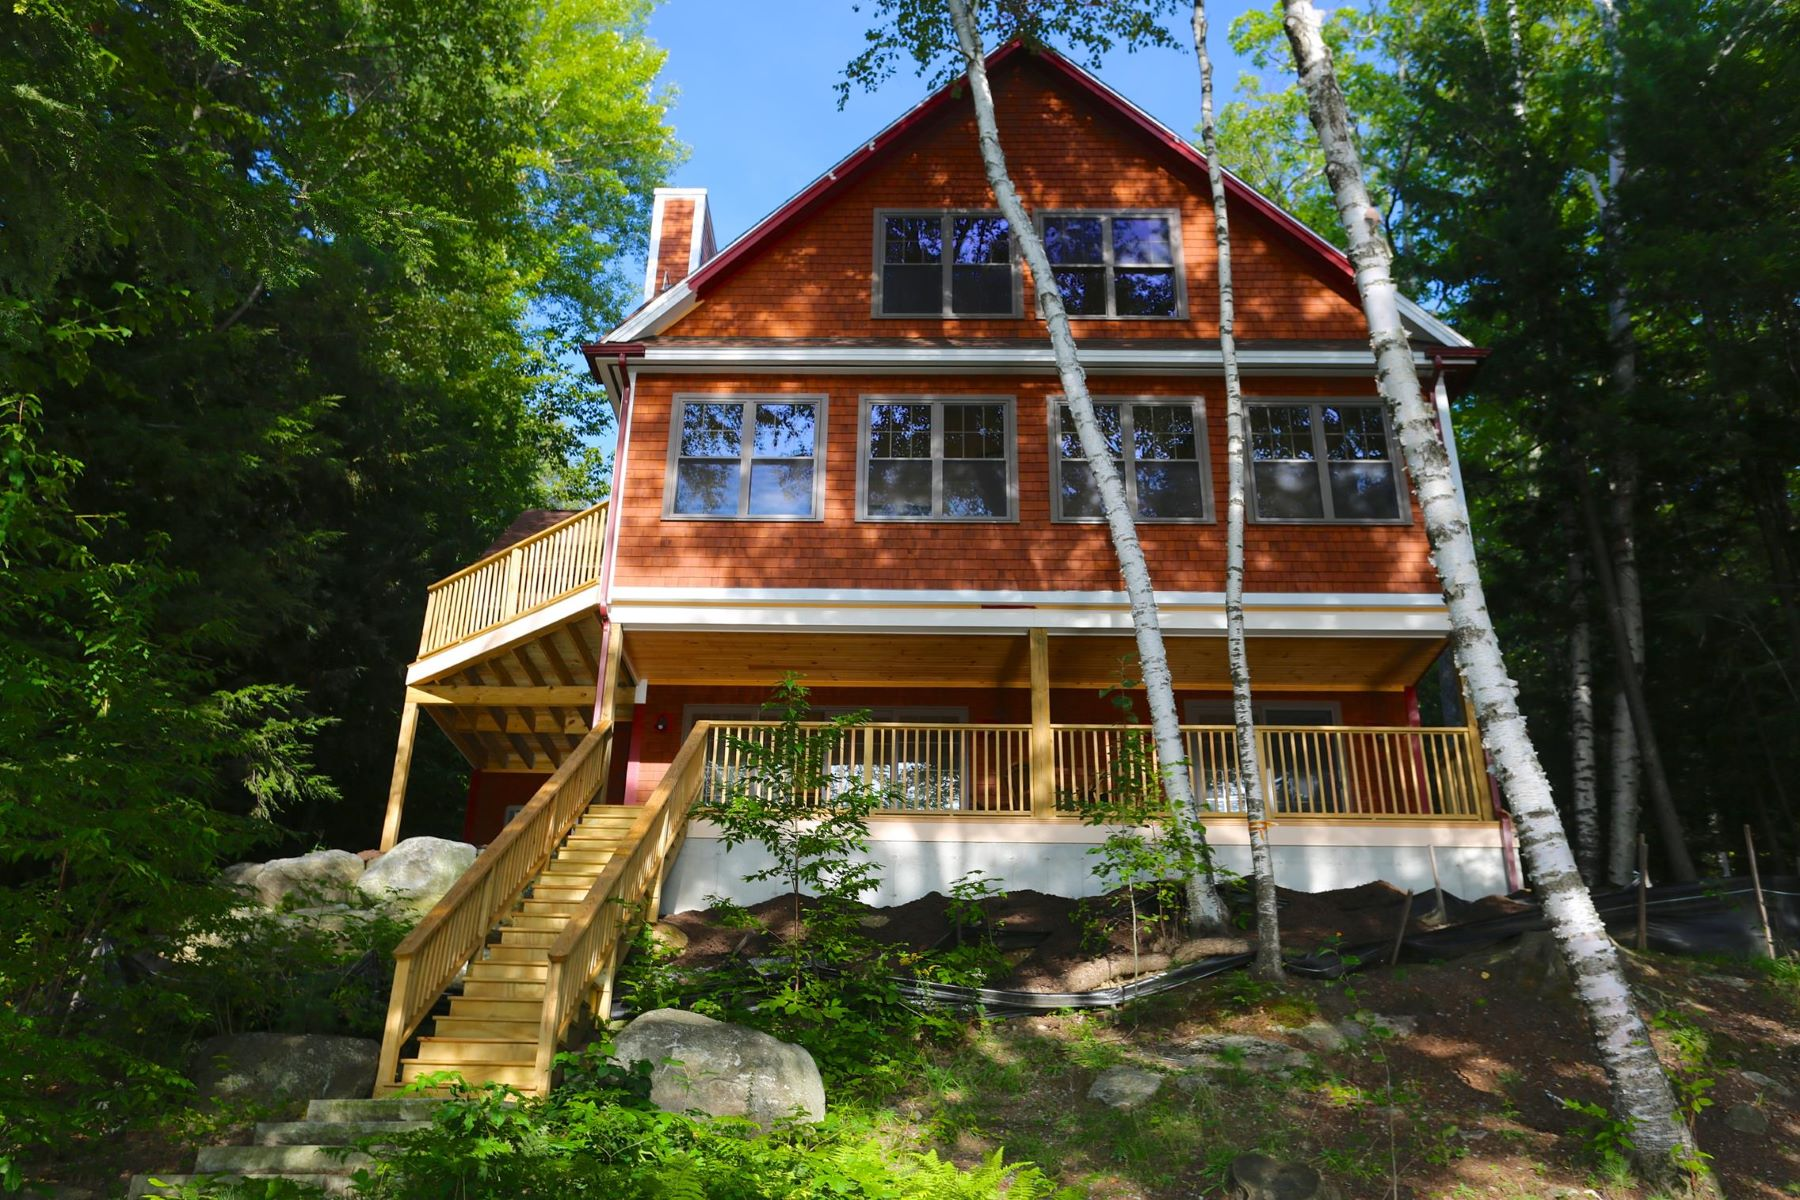 独户住宅 为 销售 在 Lake Sunapee - Eastern Shore 24 Highland 纽伯里, 新罕布什尔州, 03255 美国